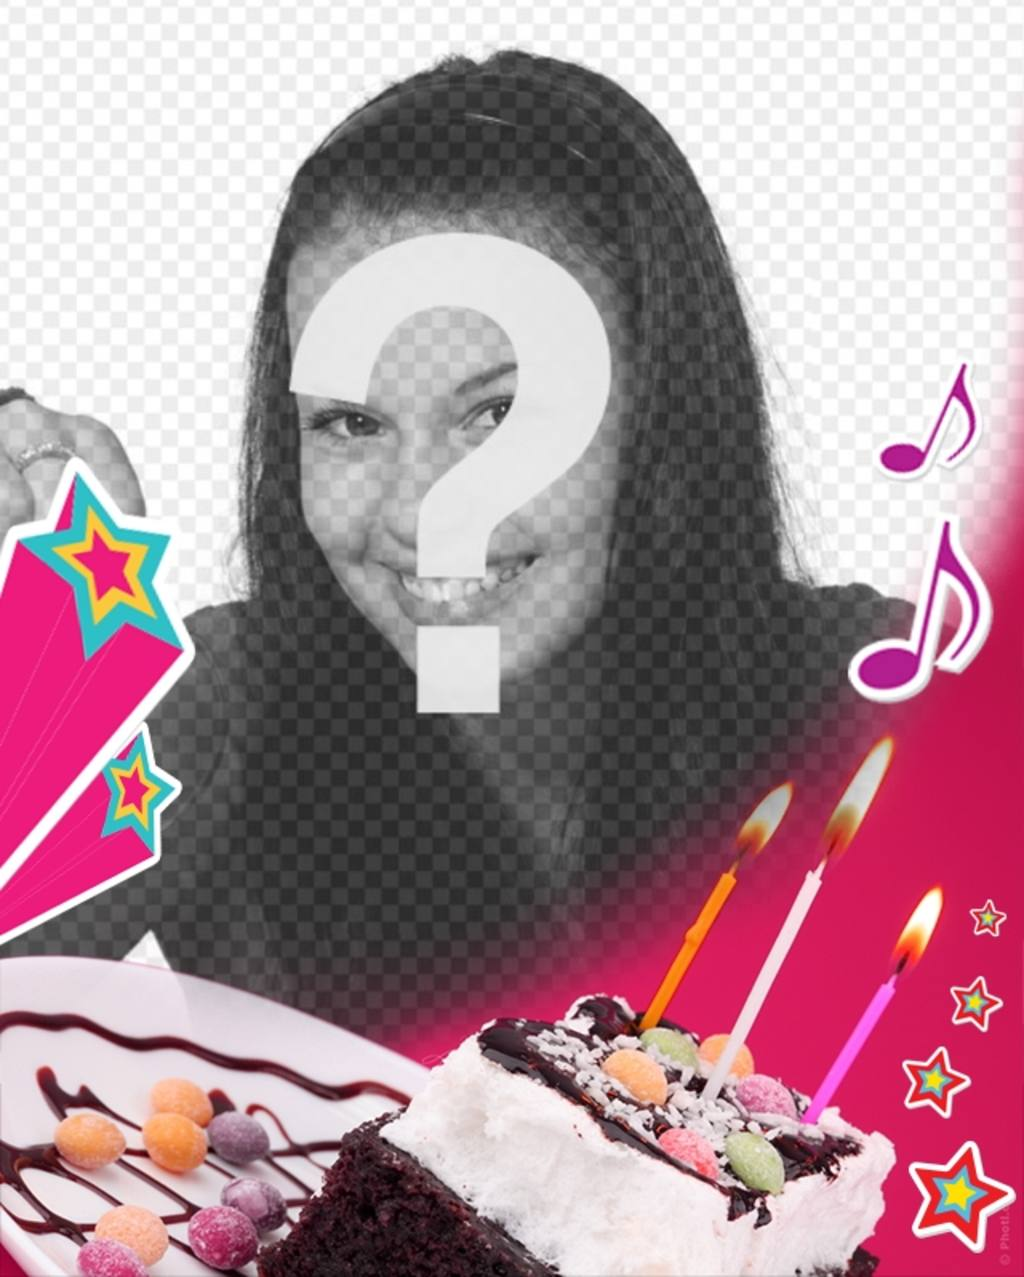 Cartão de aniversário, onde você faz o upload de uma imagem com um fundo rosa, um bolo com velas, estrelas e música